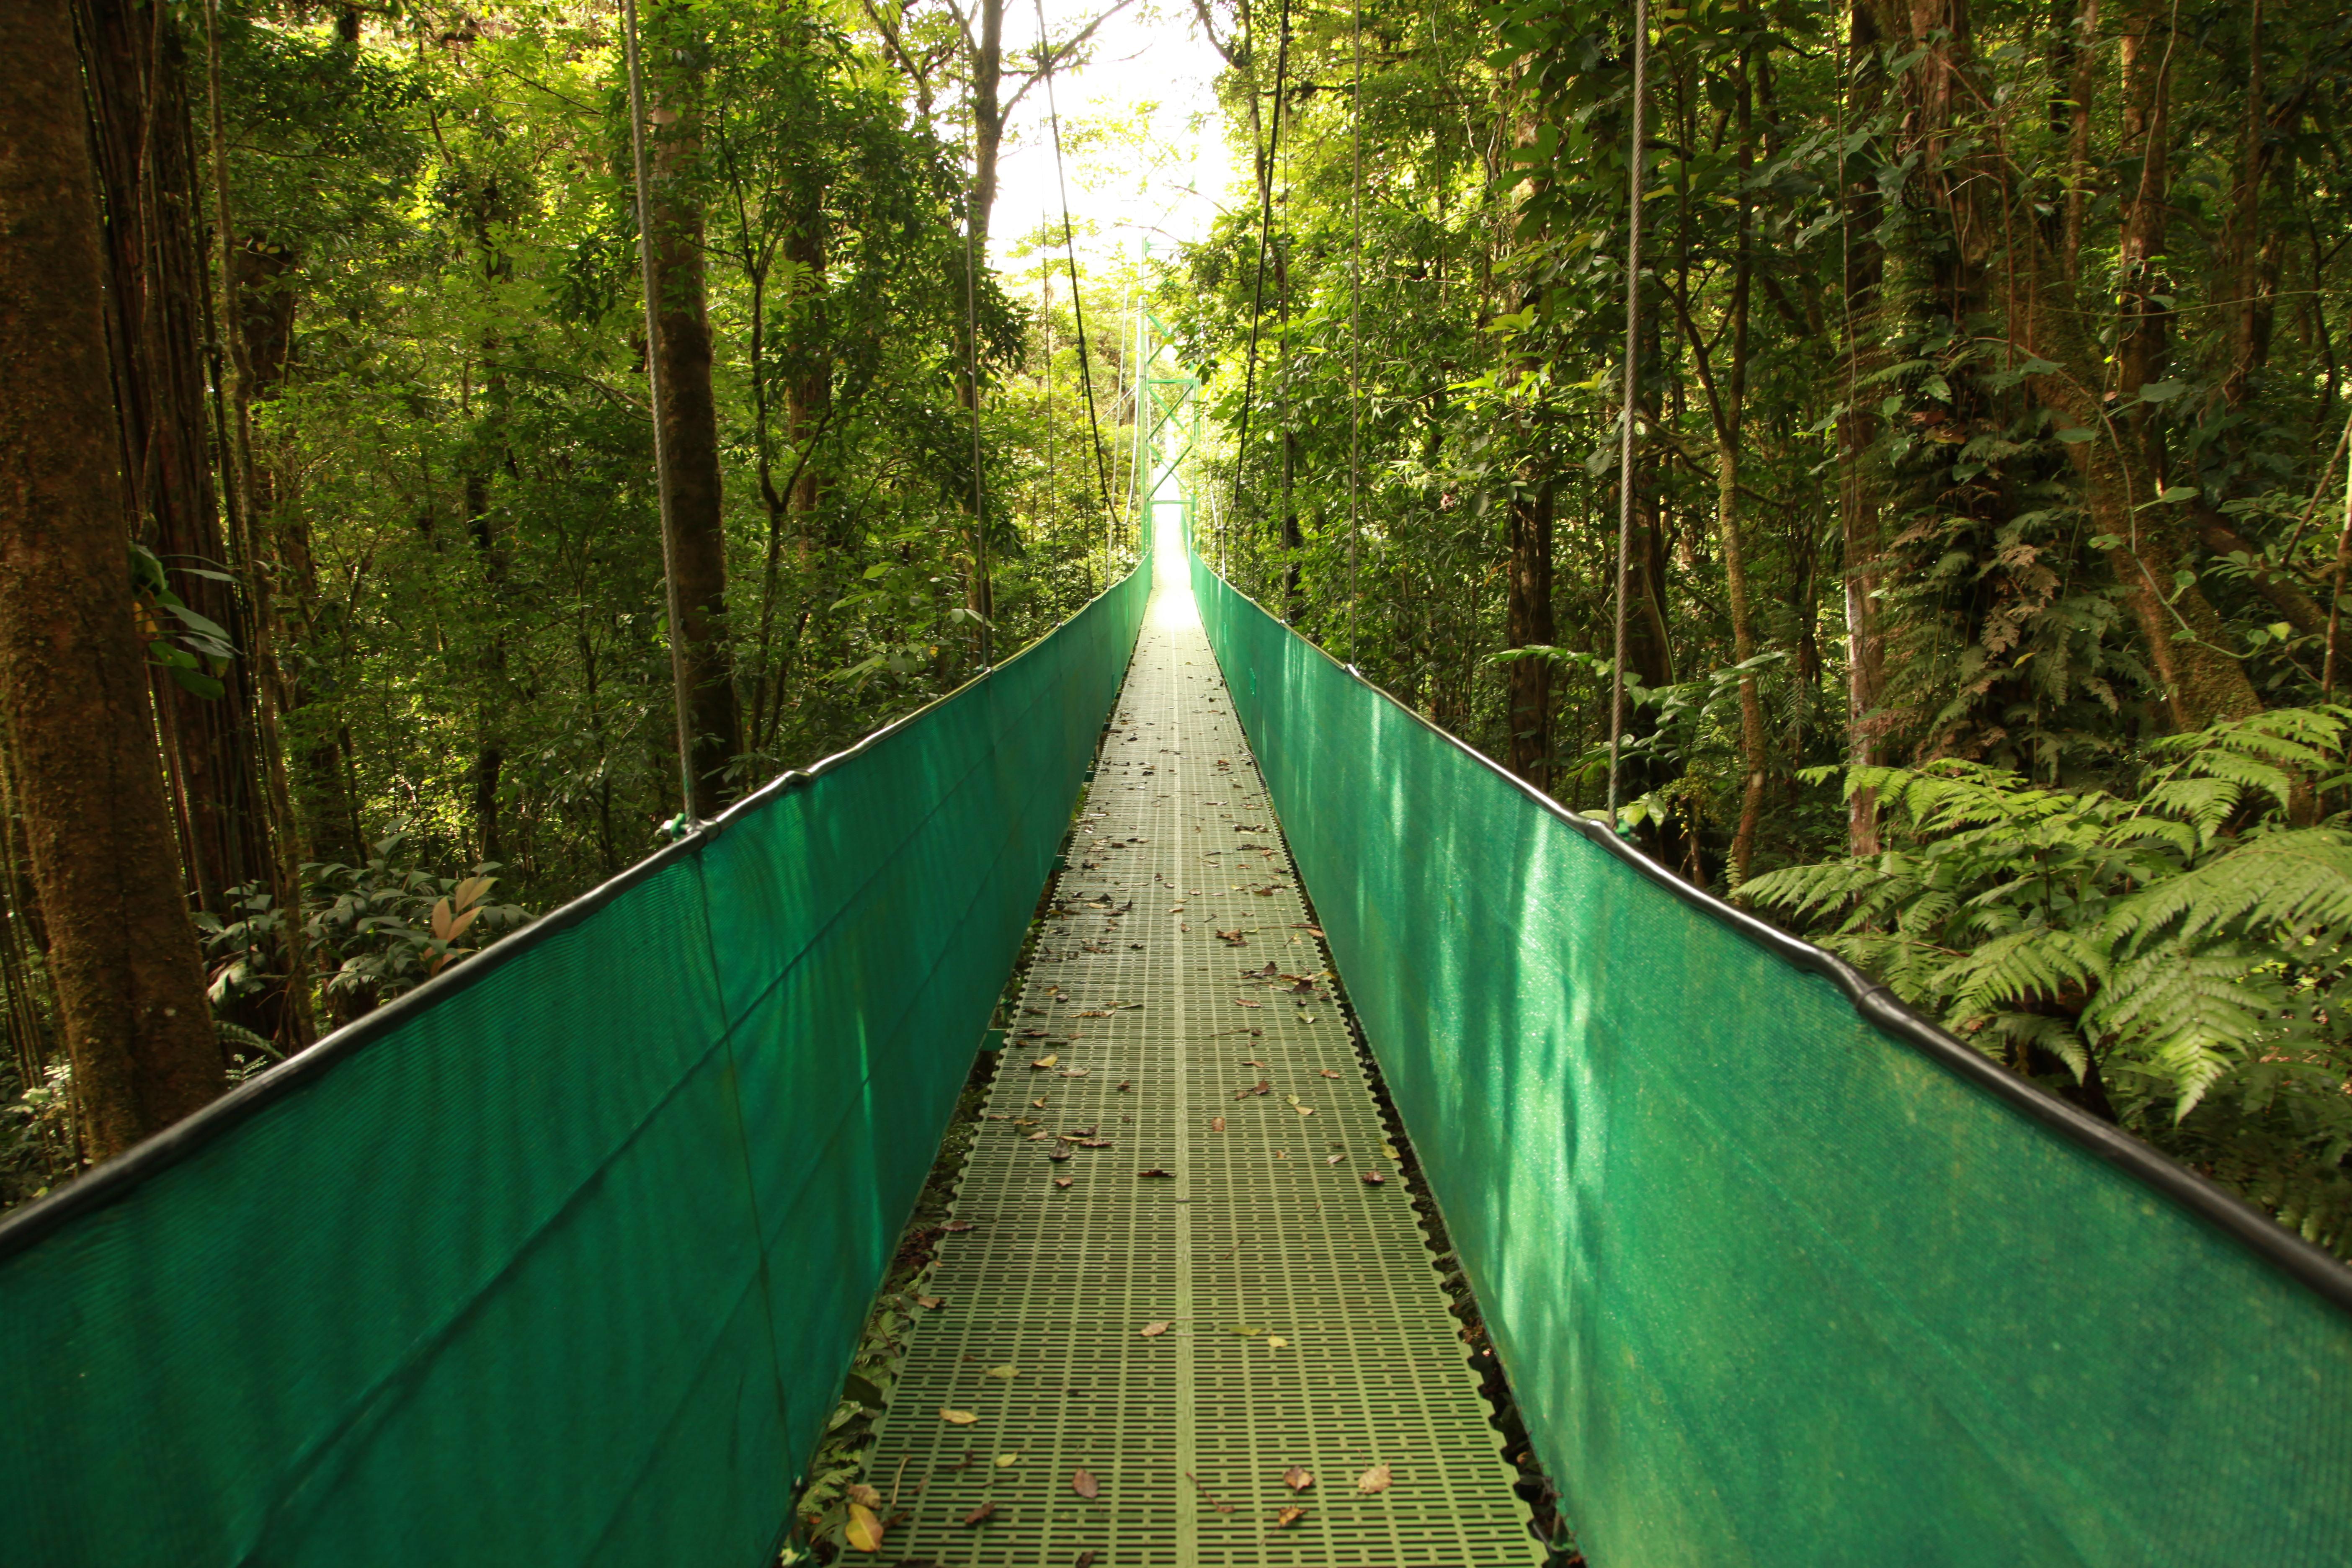 Disfruta de una jornada de lo más variada en Selvatura Park - Costa Rica Gran Viaje Tortuguero, Arenal y Monteverde